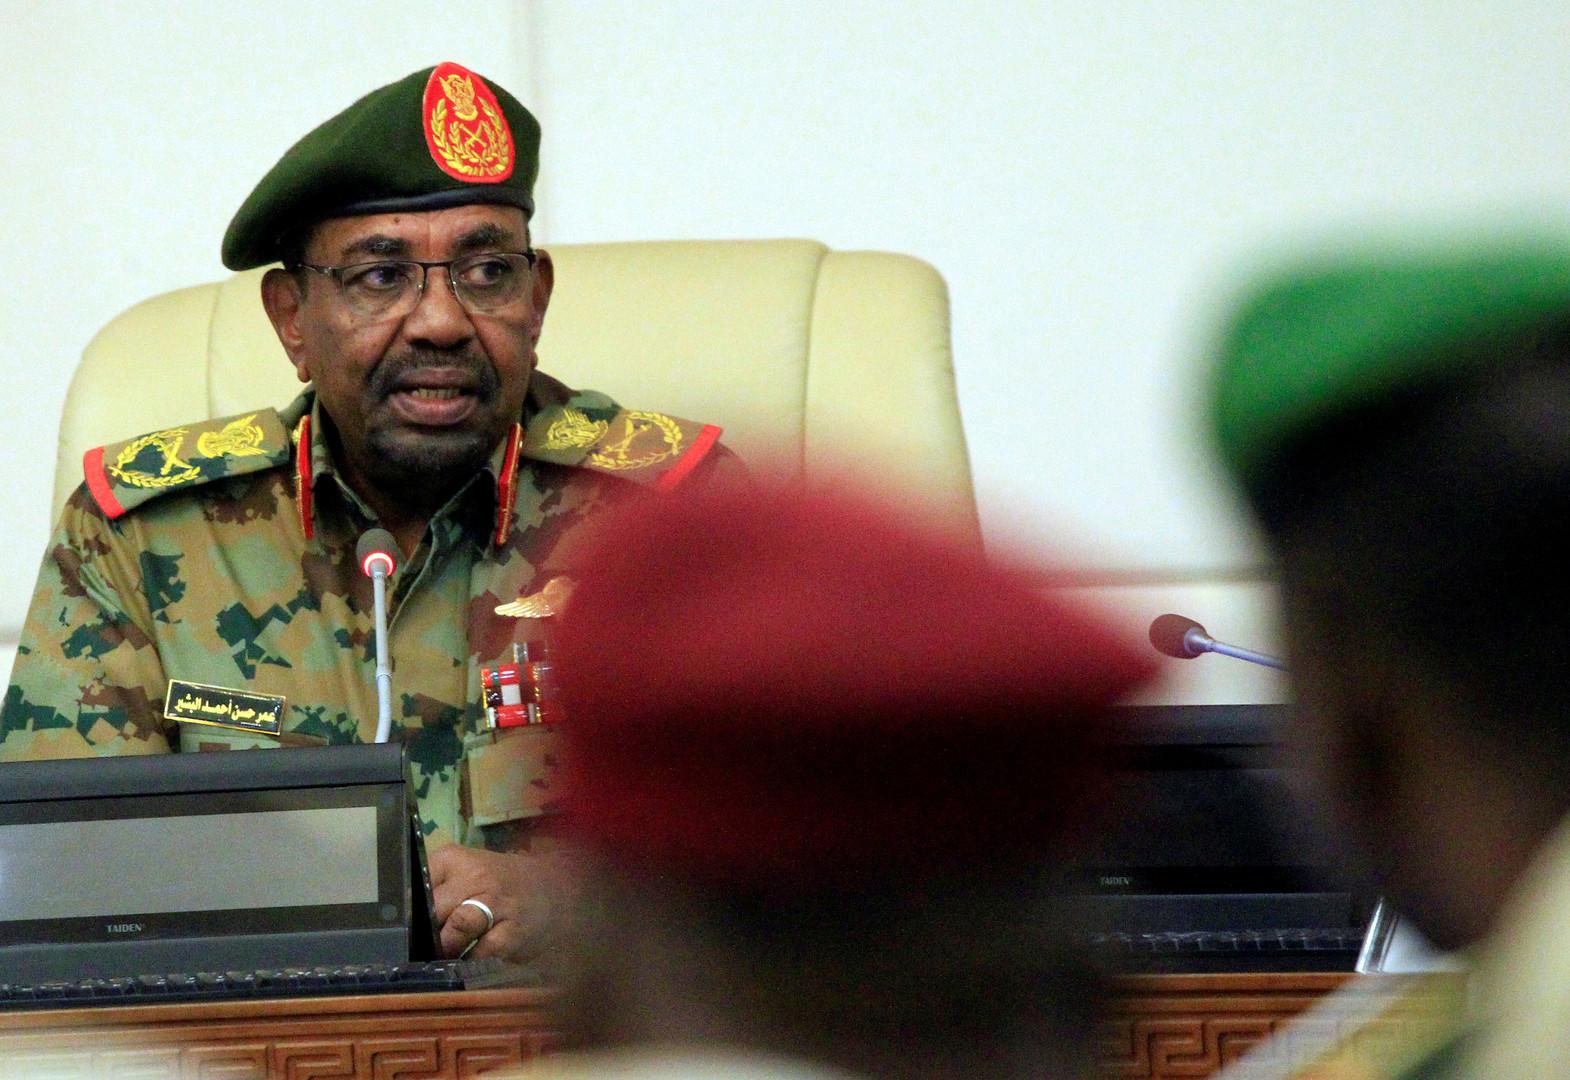 صحفي سوداني يكشف عن تفاصيل خطيرة دفعت لخلع البشير!